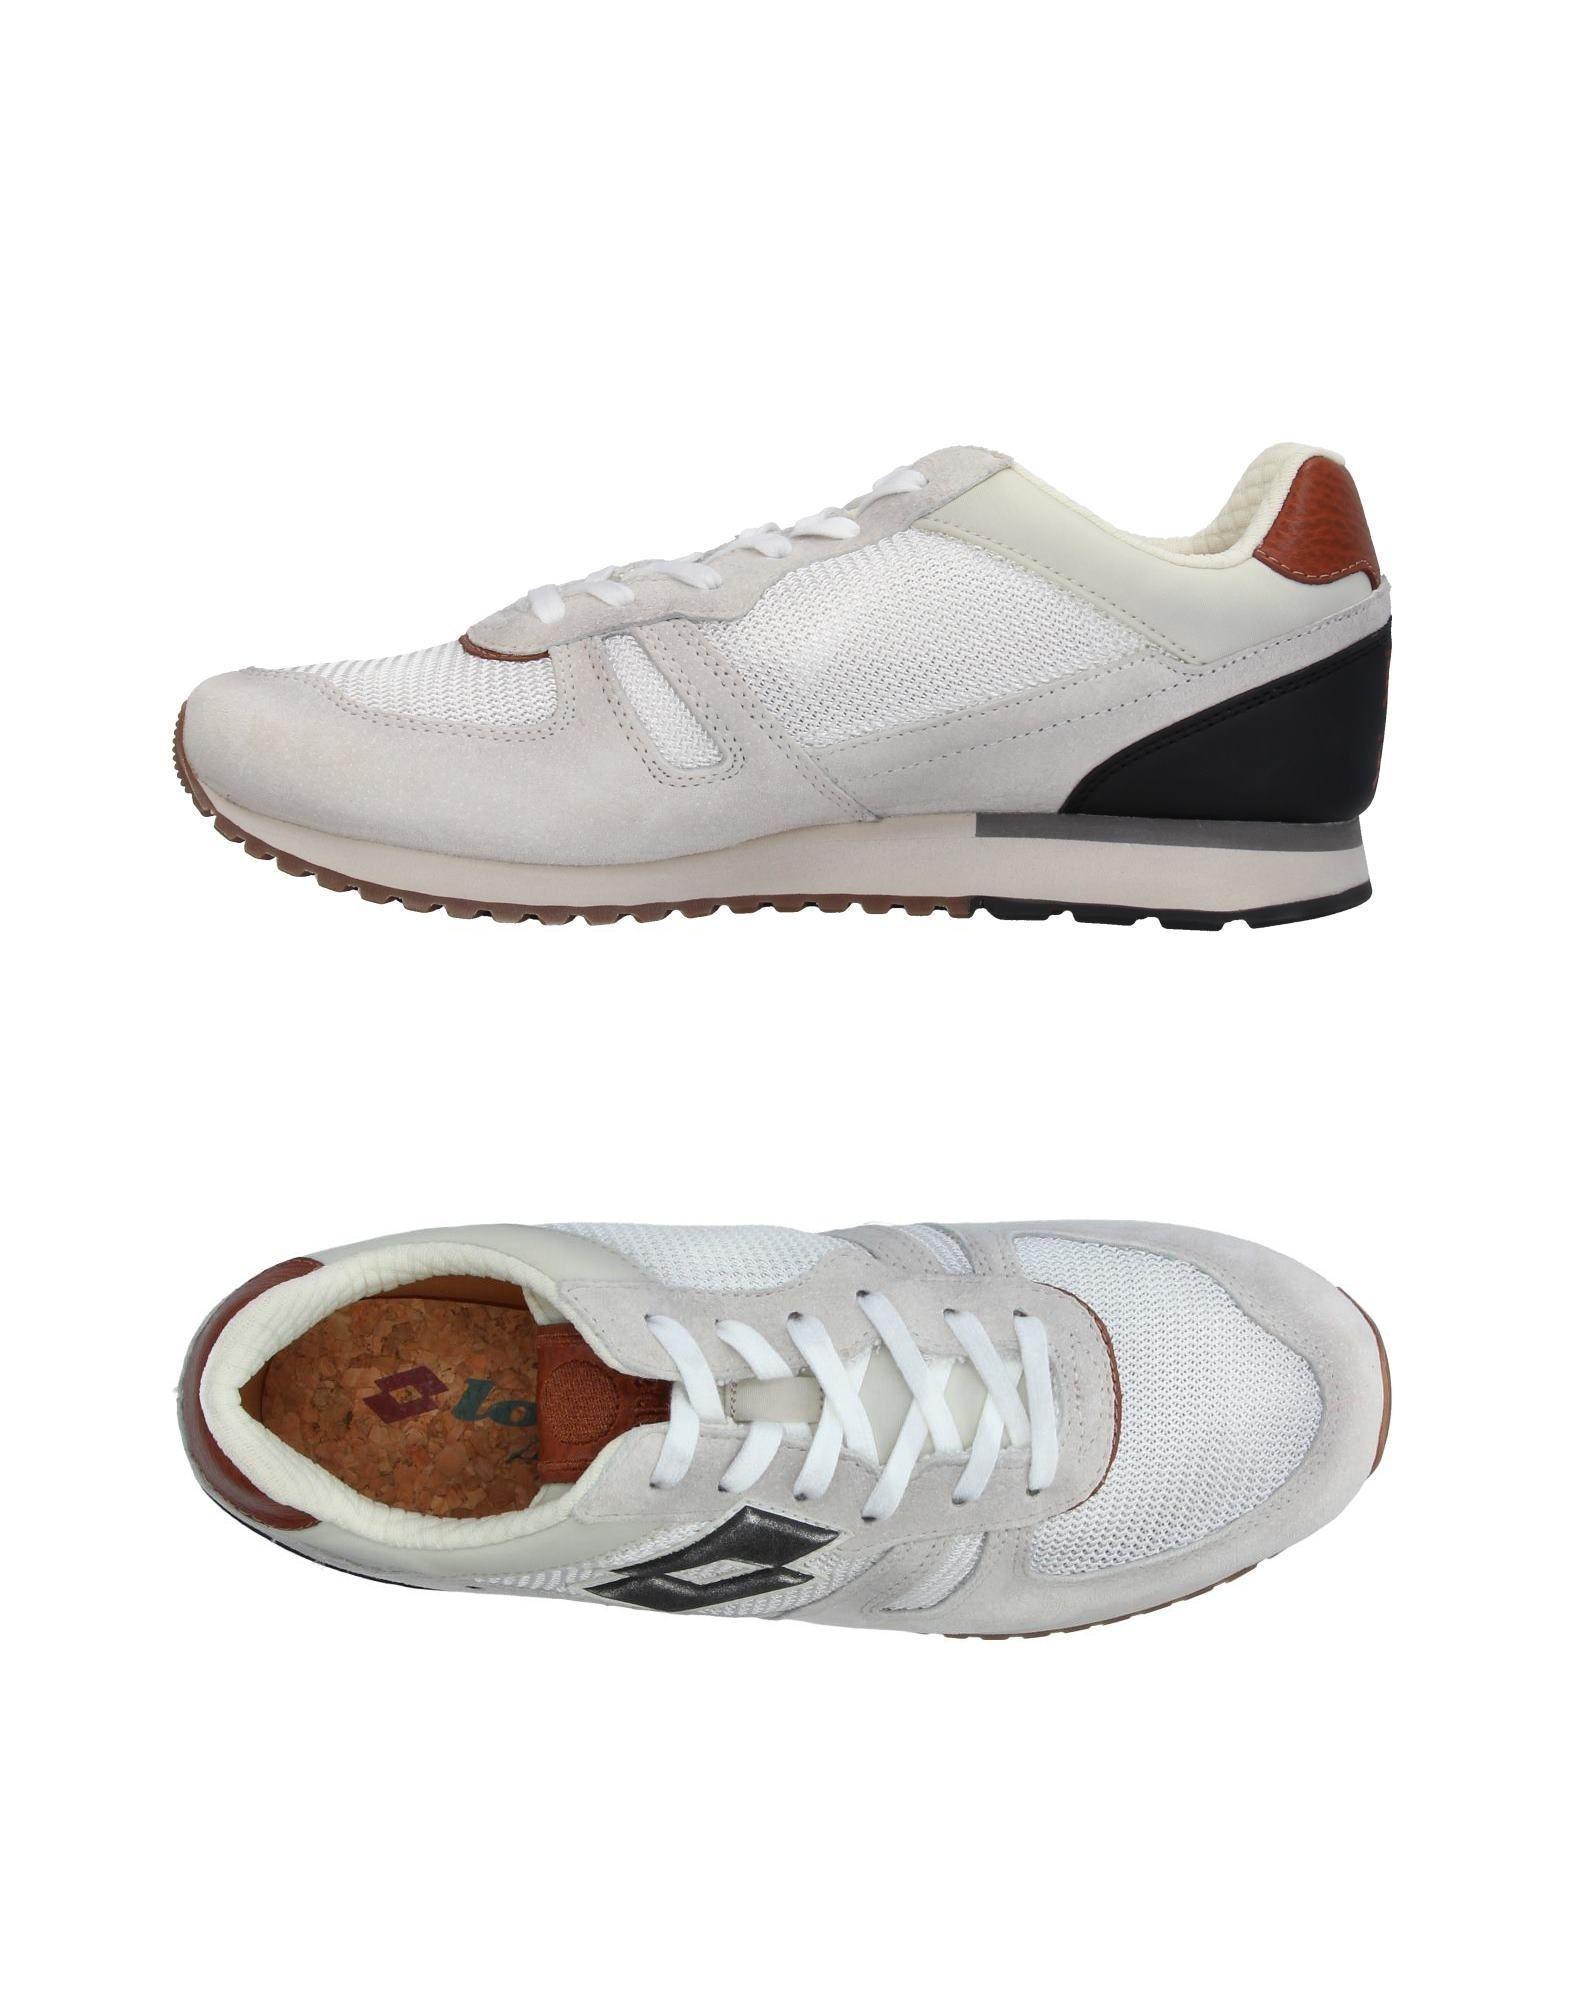 FOOTWEAR - Low-tops & sneakers Lotto gkW8Y1